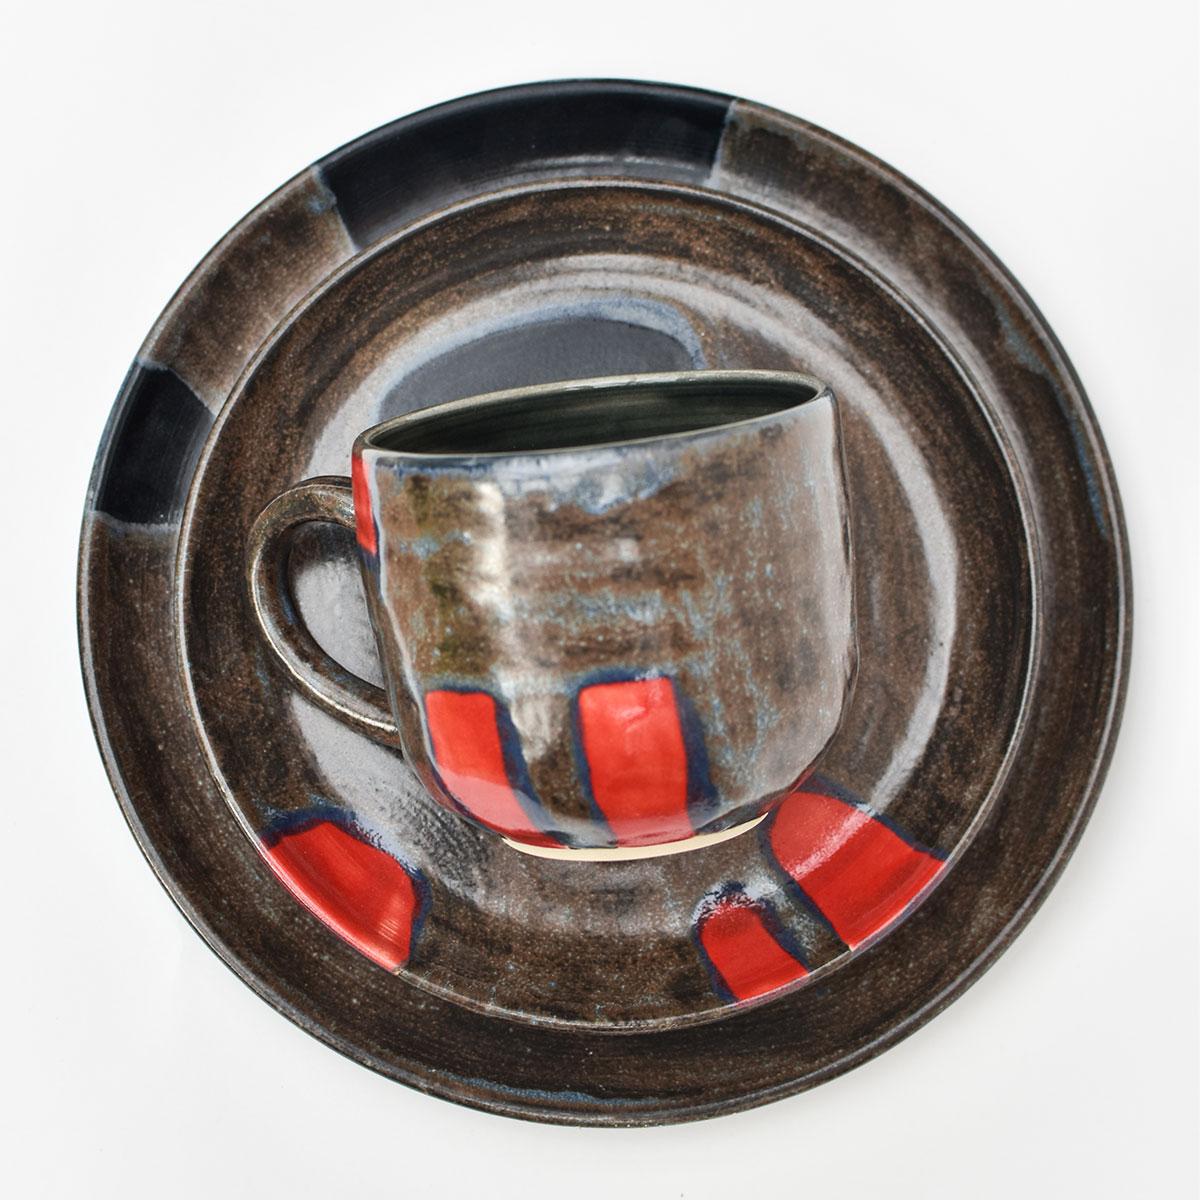 """картинка Керамическая тарелка из темной серии """"Ротко"""" - DishWishes.Ru"""